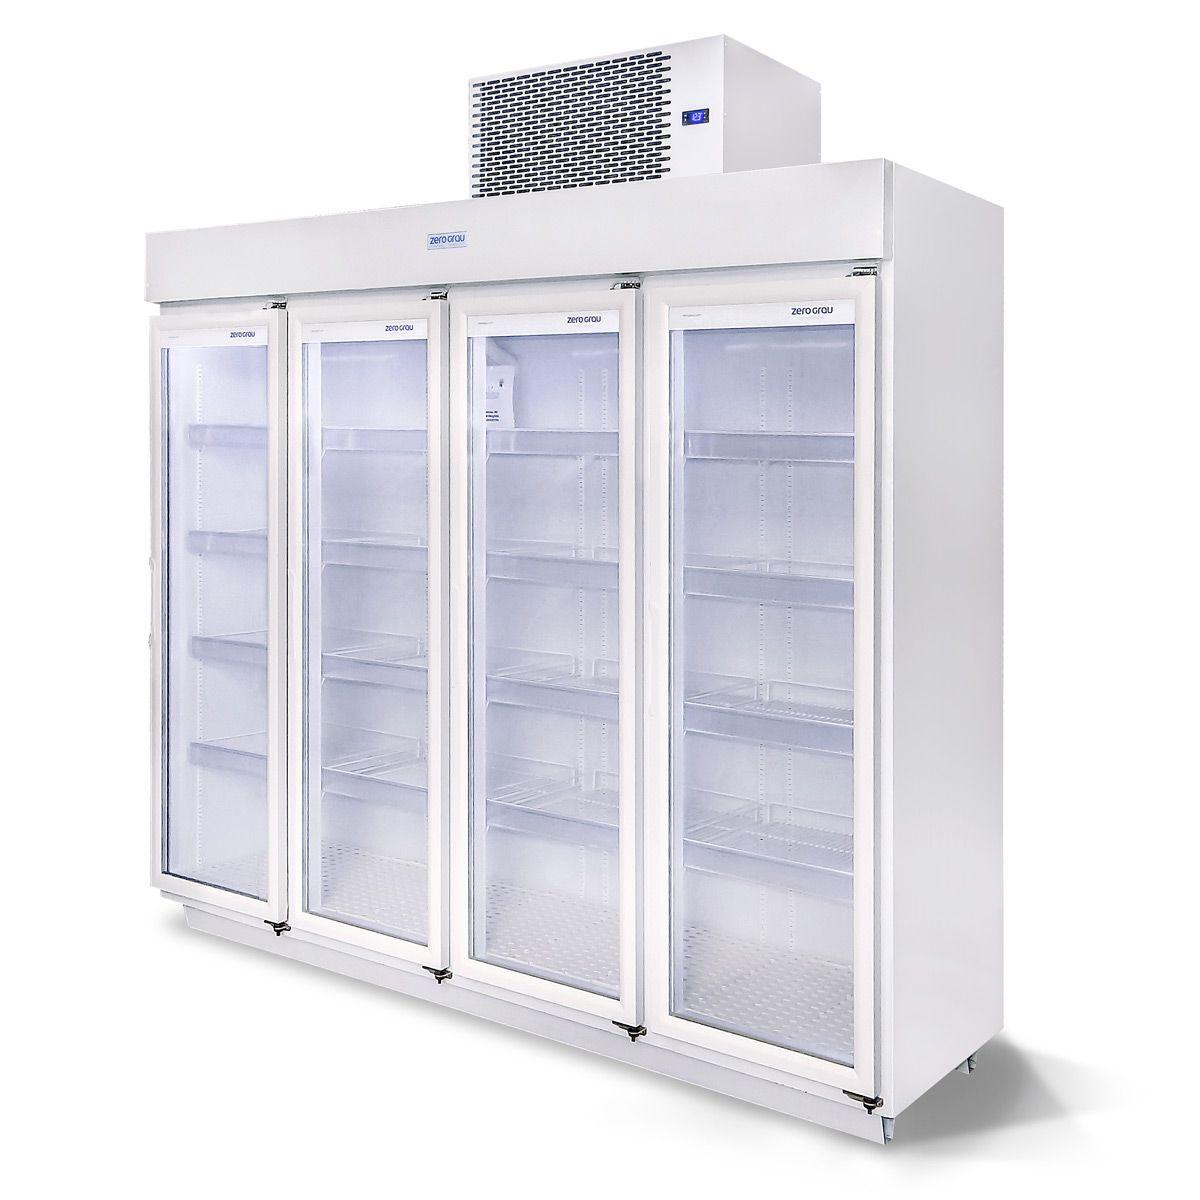 Expositor 2150 Litros 4 Portas para Congelados Até - 18 Graus